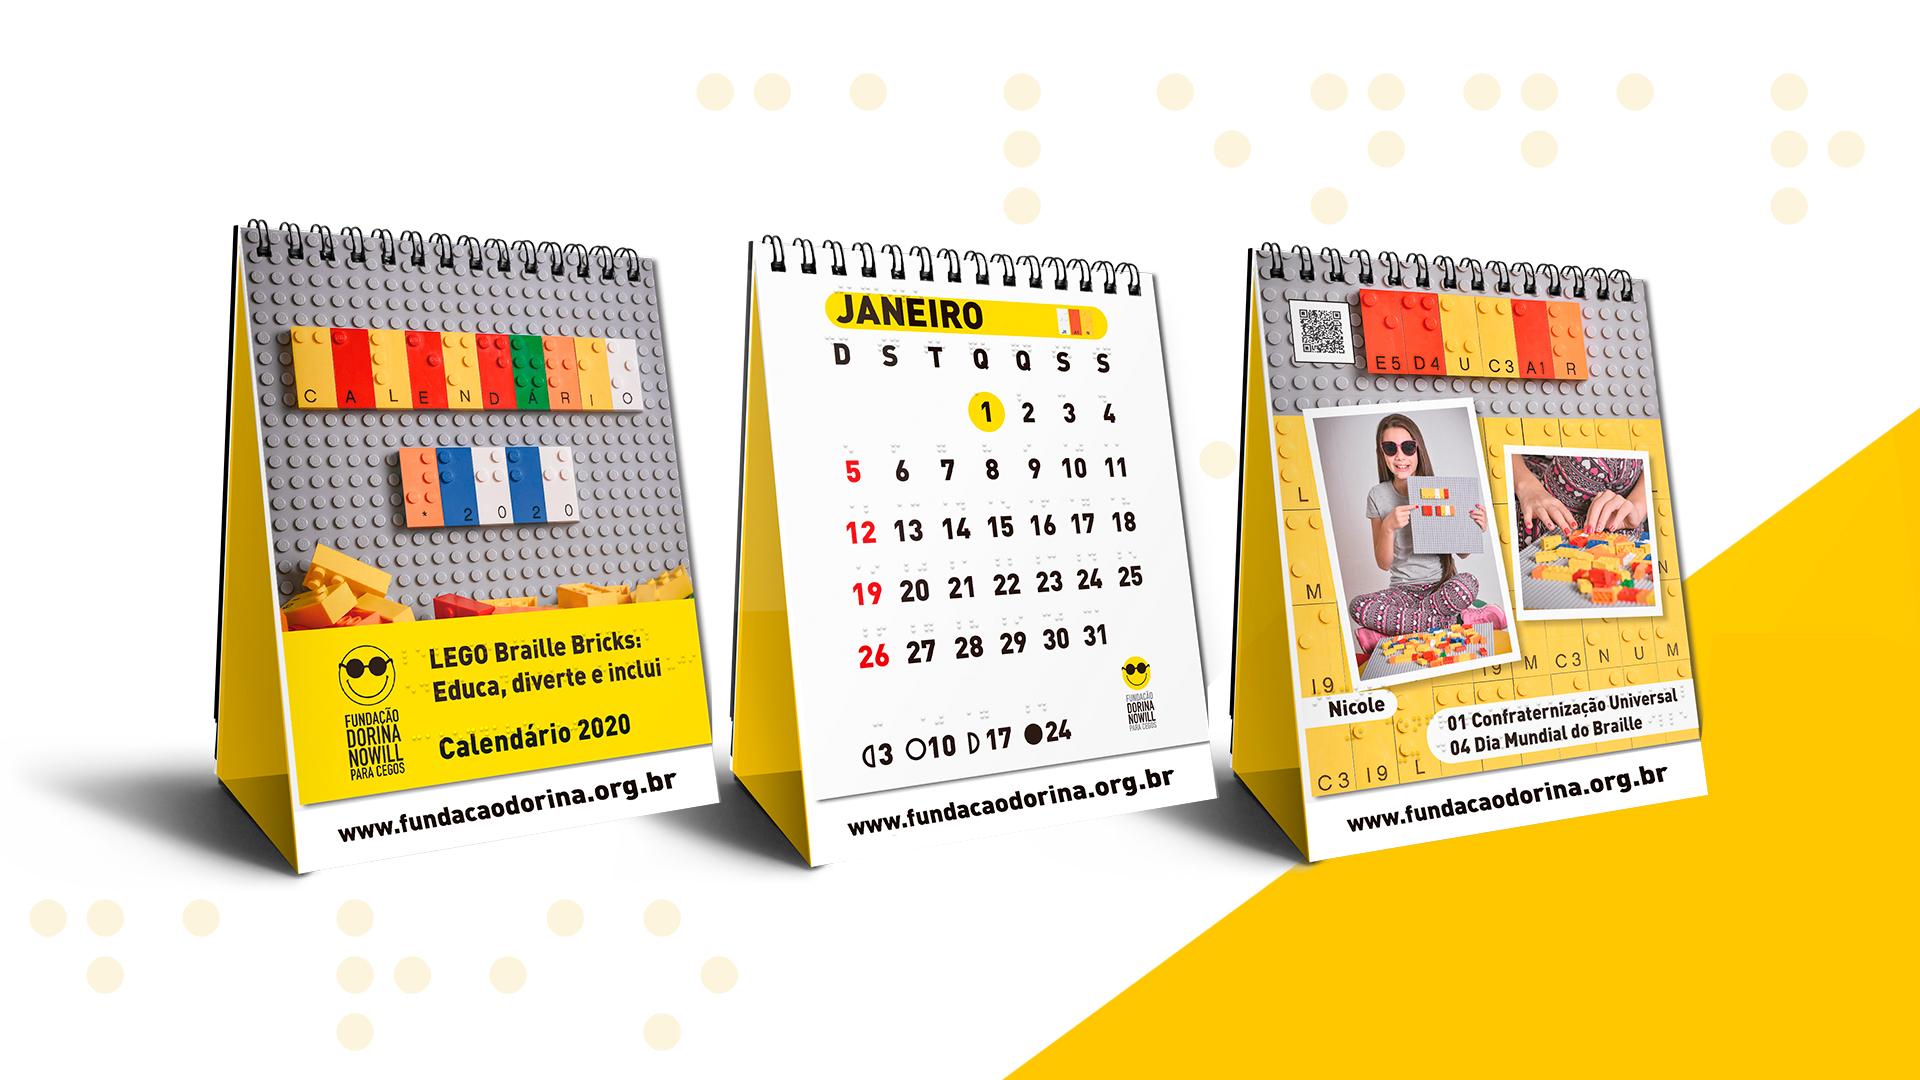 Descrição da imagem: foto de três calendários 2020 da Fundação Dorina sobre fundo branco.